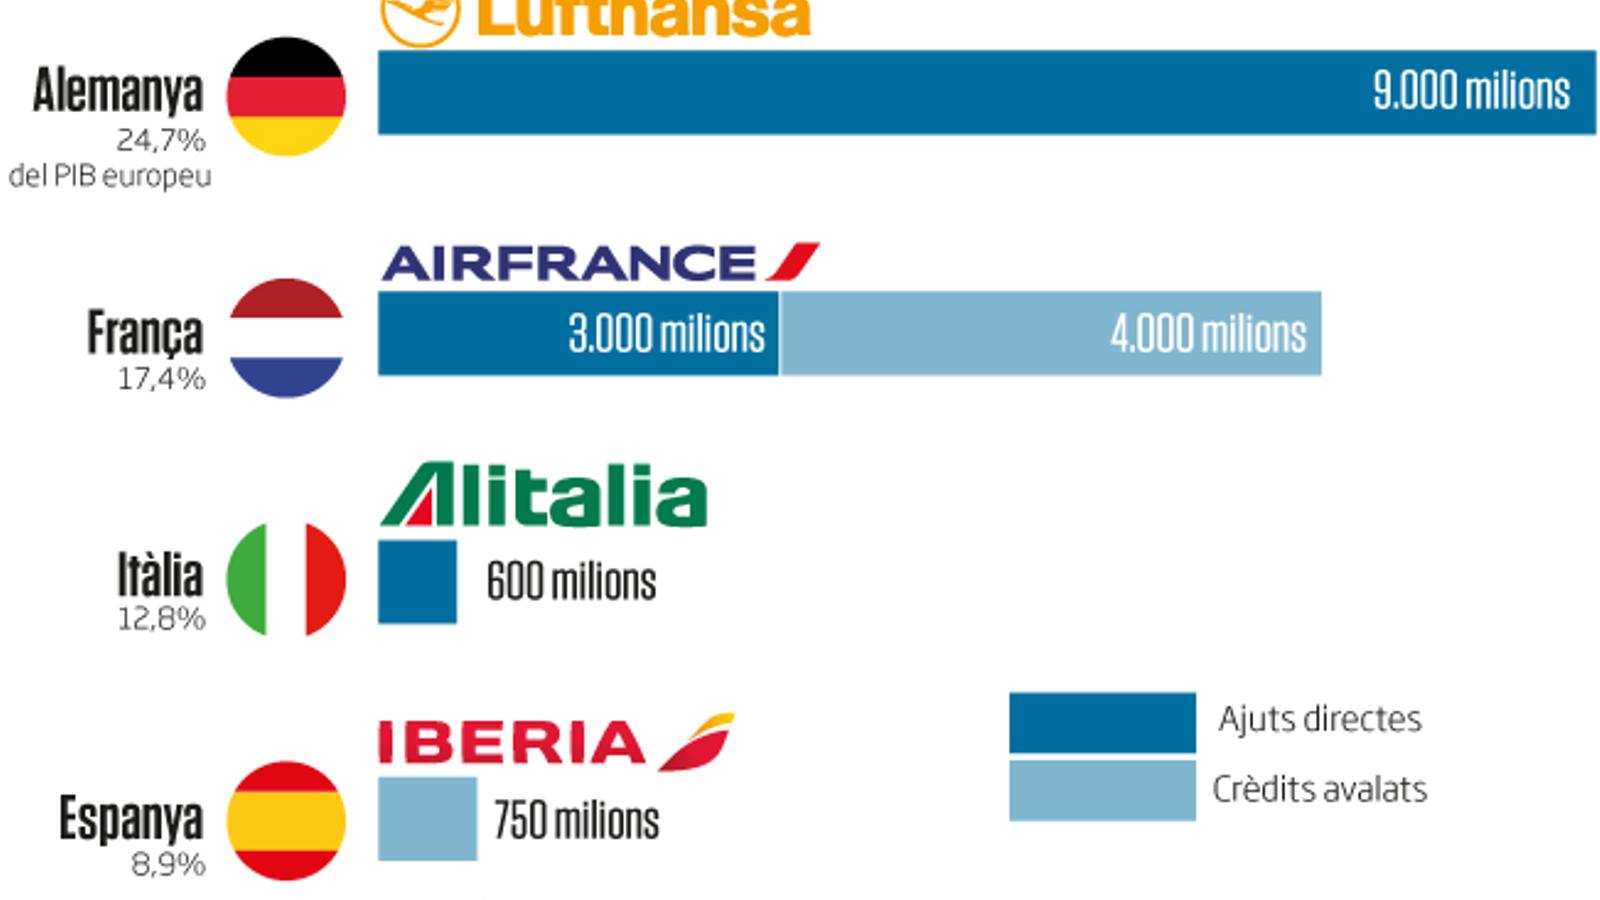 Espanya, l'únic gran de la UE que no rescata la seva principal aerolínia